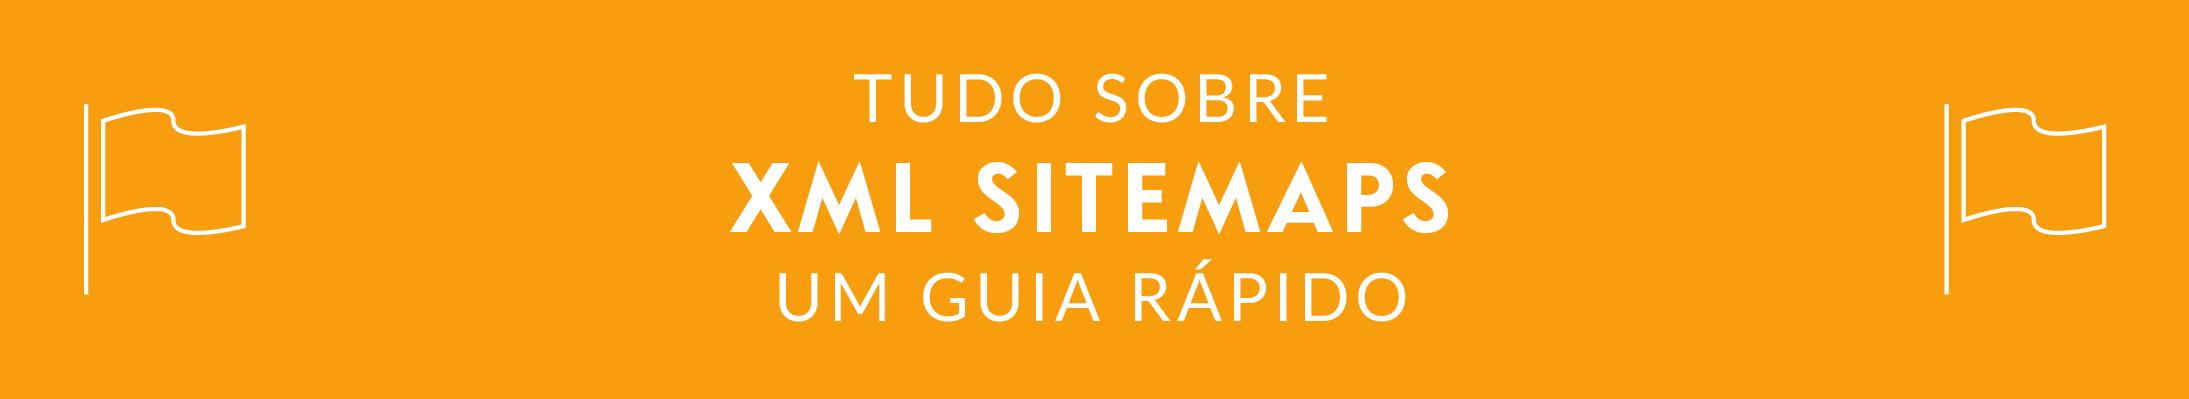 PT - SEO GUIDES - XML Sitemaps